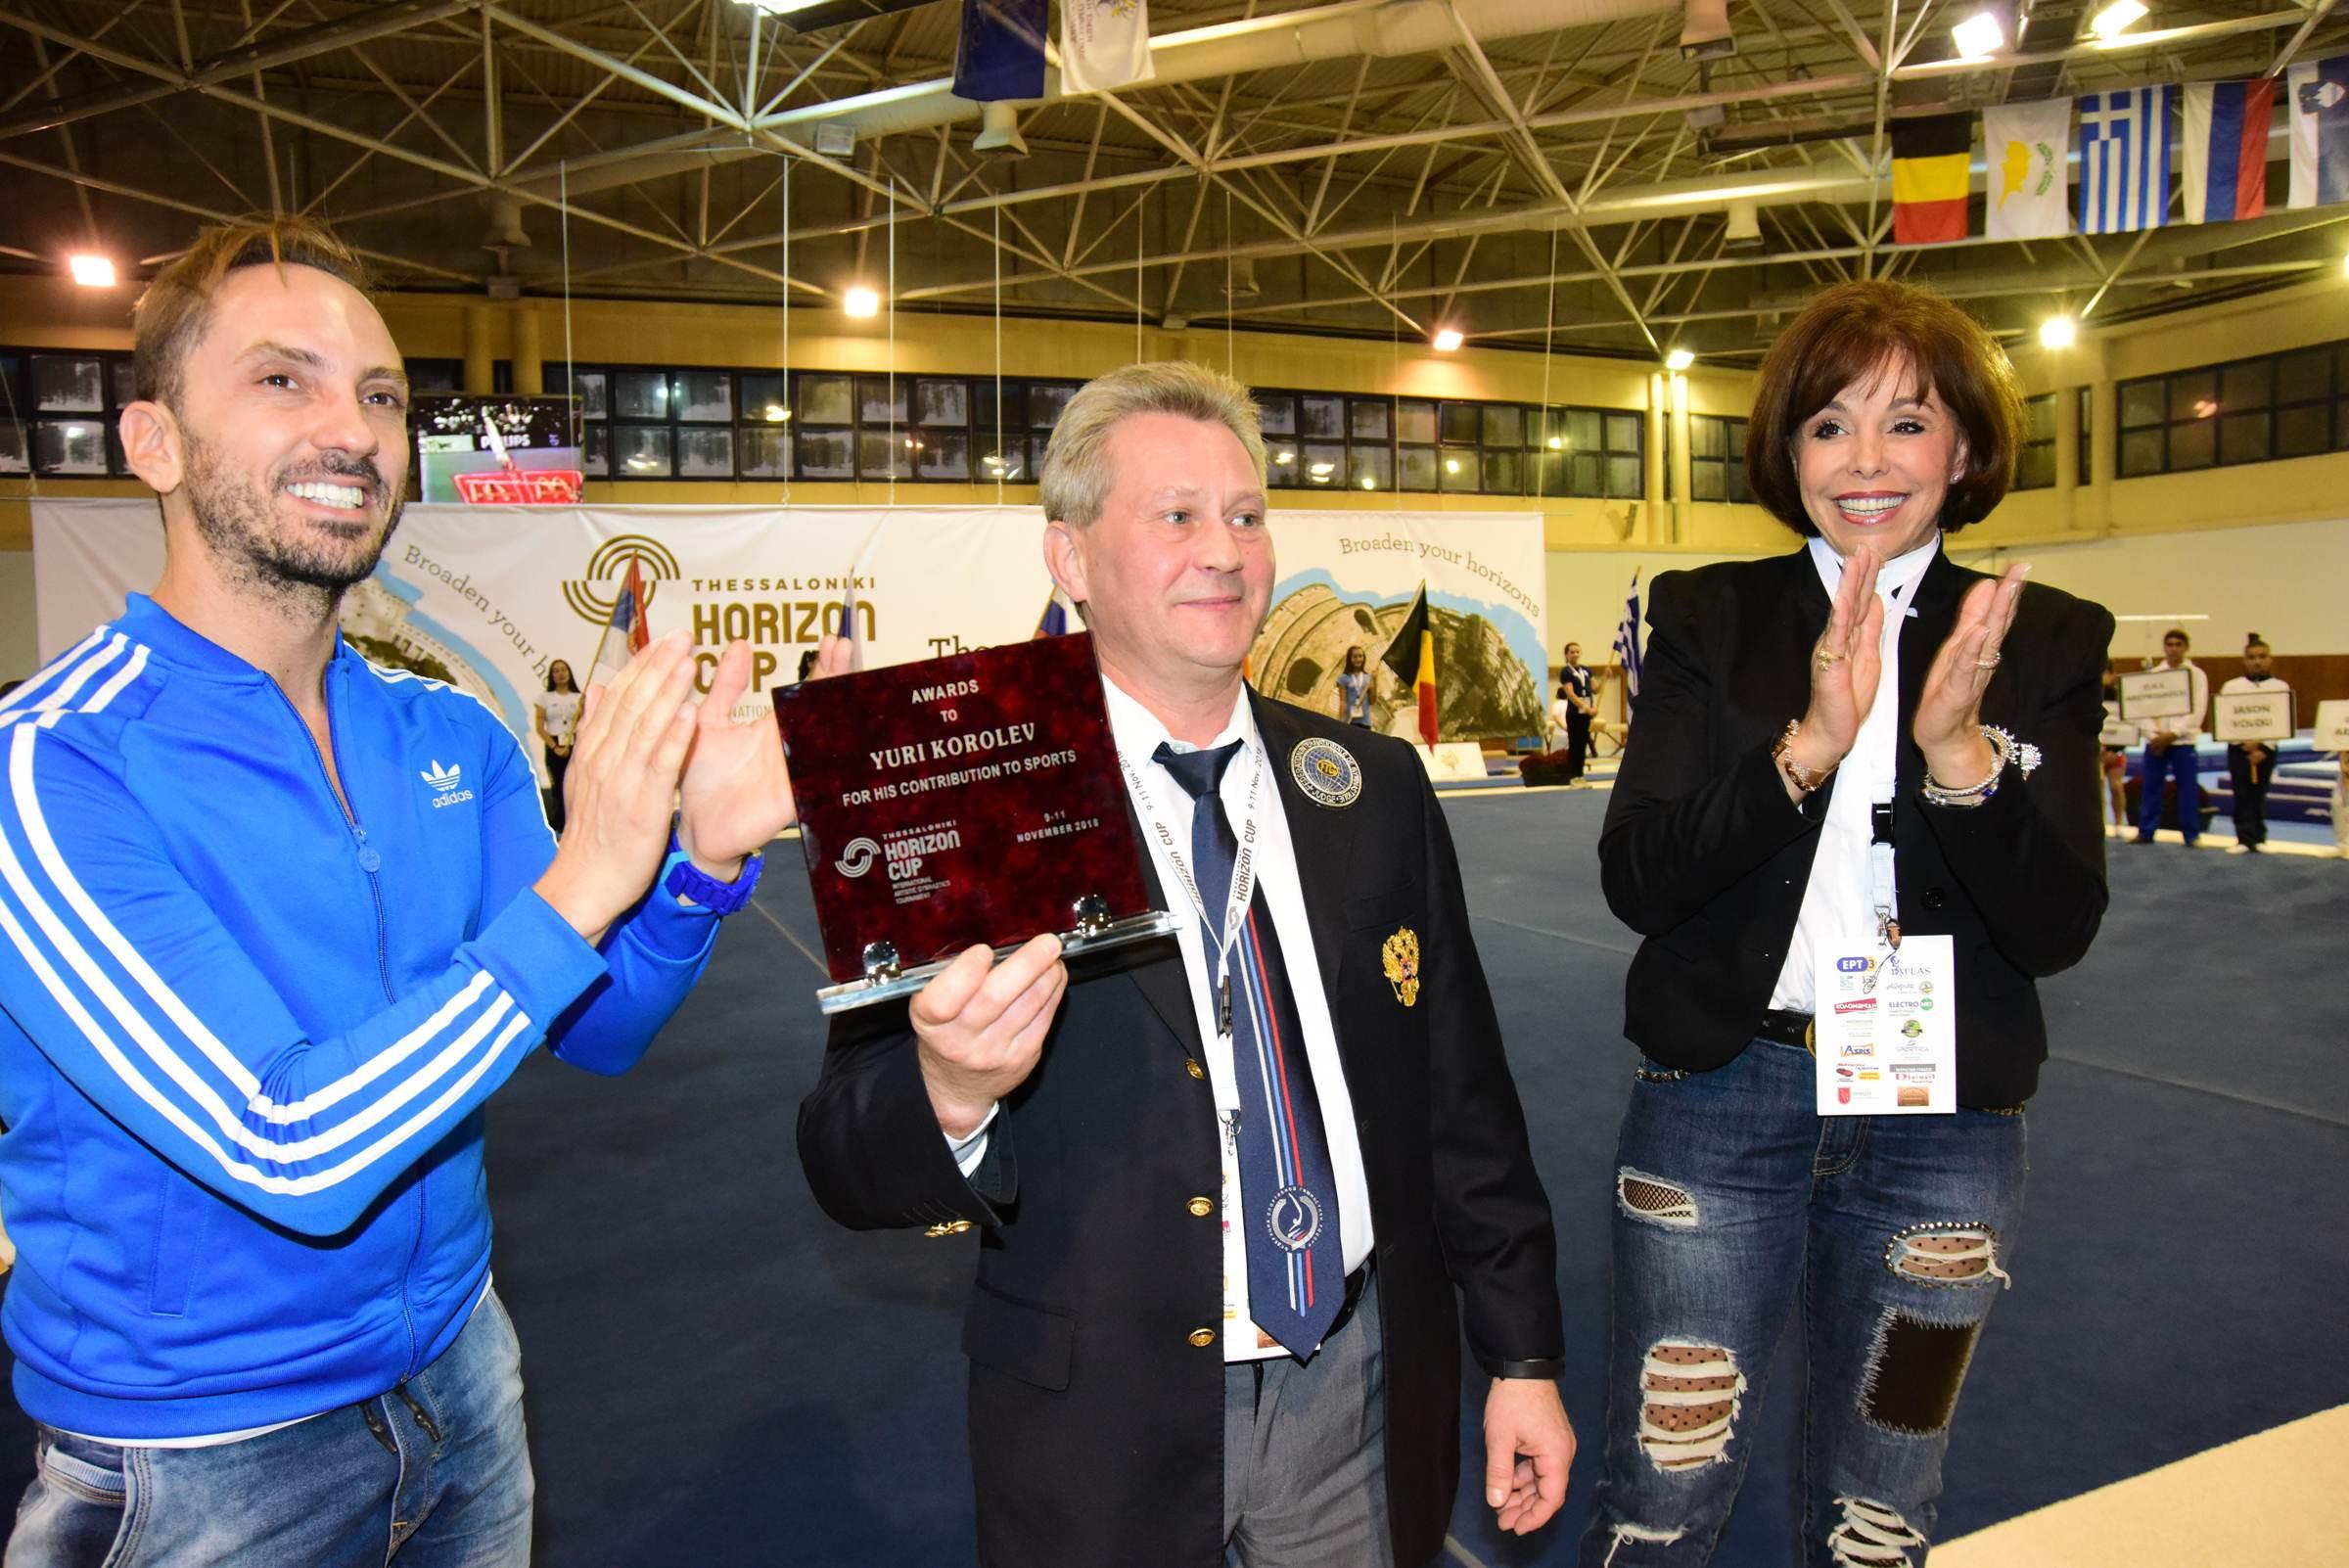 """Πλημμύρισε χαμόγελα και ταλέντο η αίθουσα «Ι. Μελισσανίδης», στην πρεμιέρα του """"Horizon Cup"""" (photos)"""